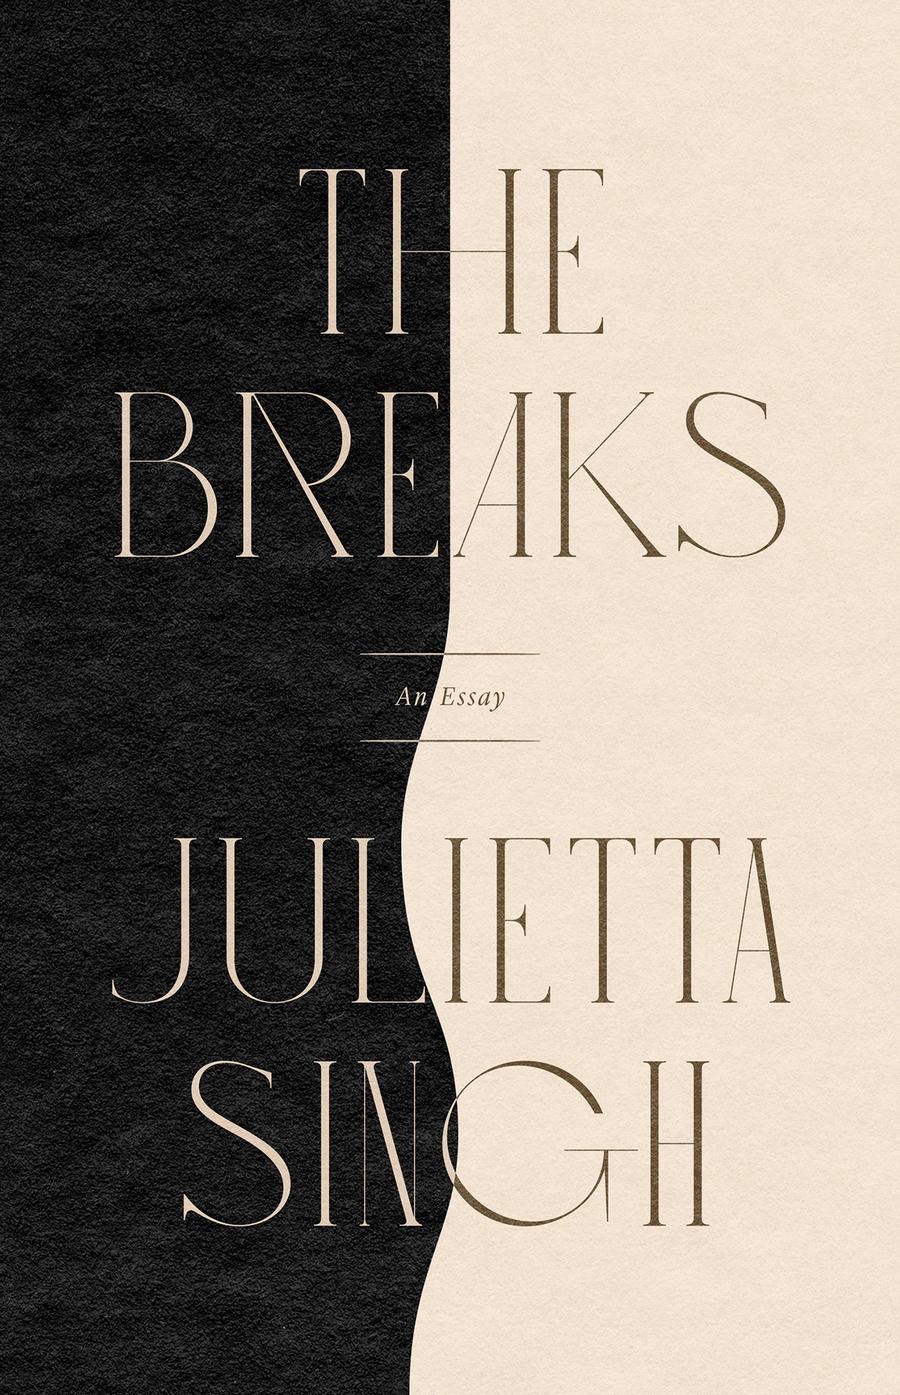 Julietta Singh, The Breaks: An Essay